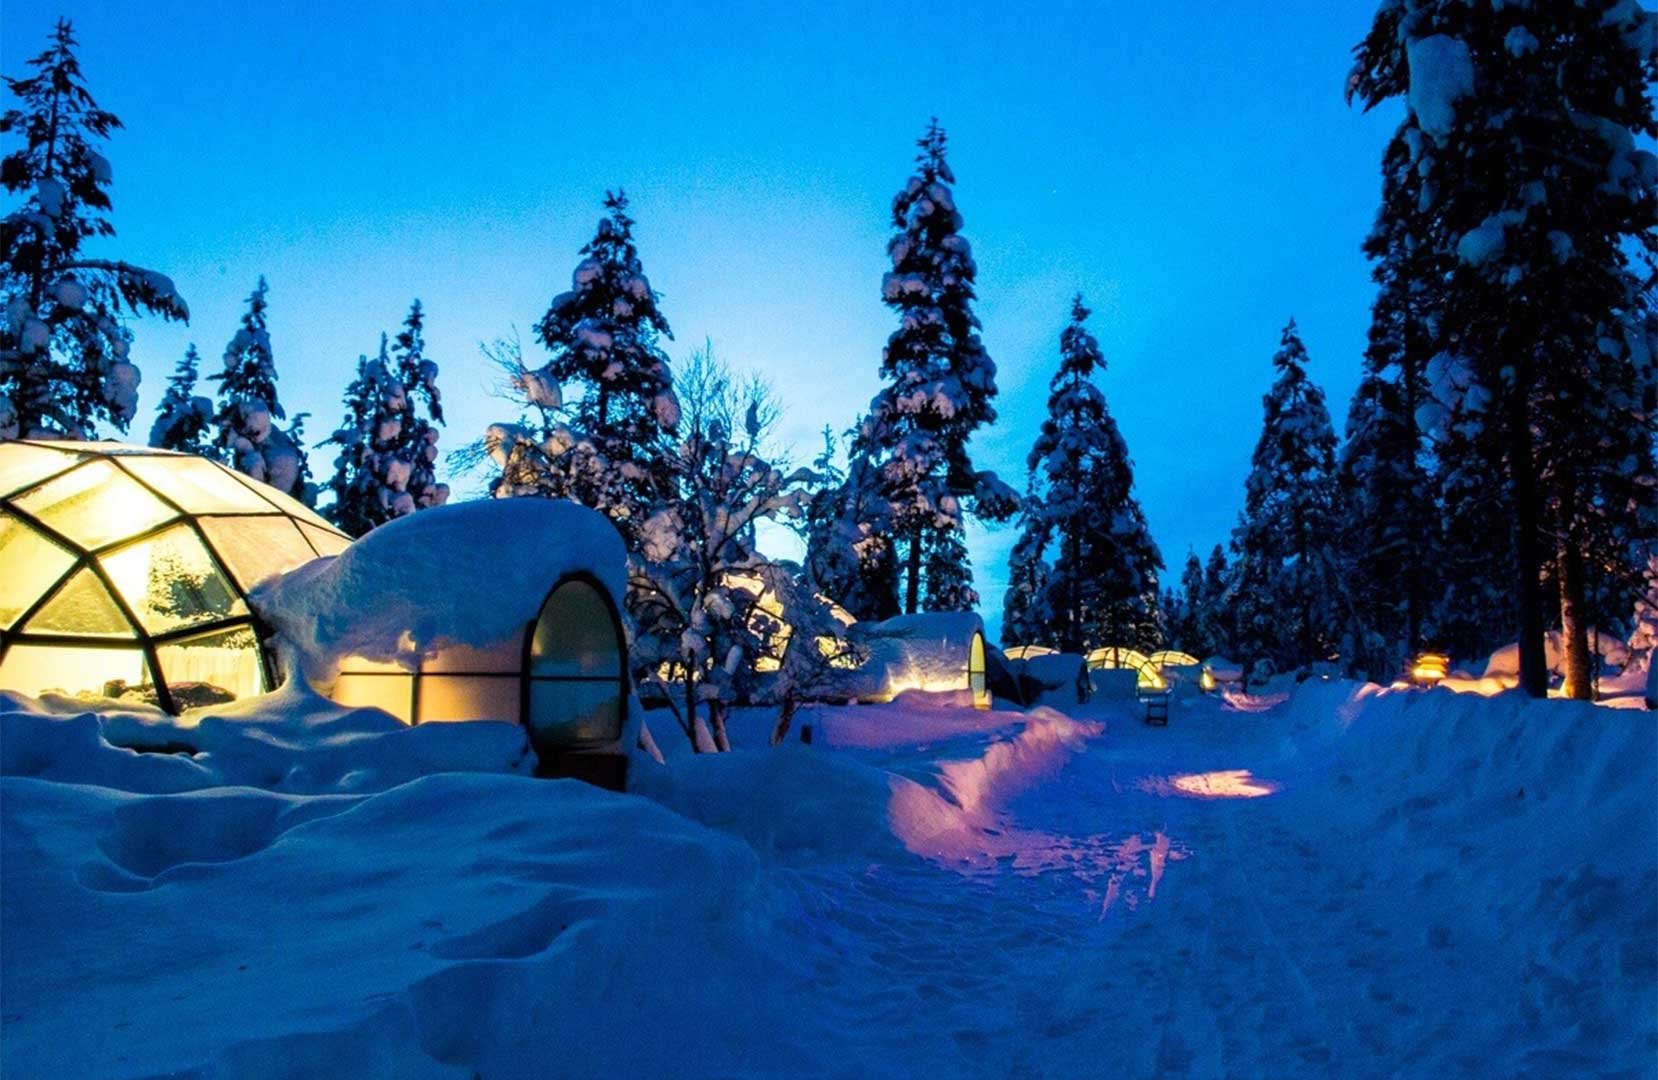 ایگو-شیشهای- شمالیارین-فنلاند-تخت-گردشگری